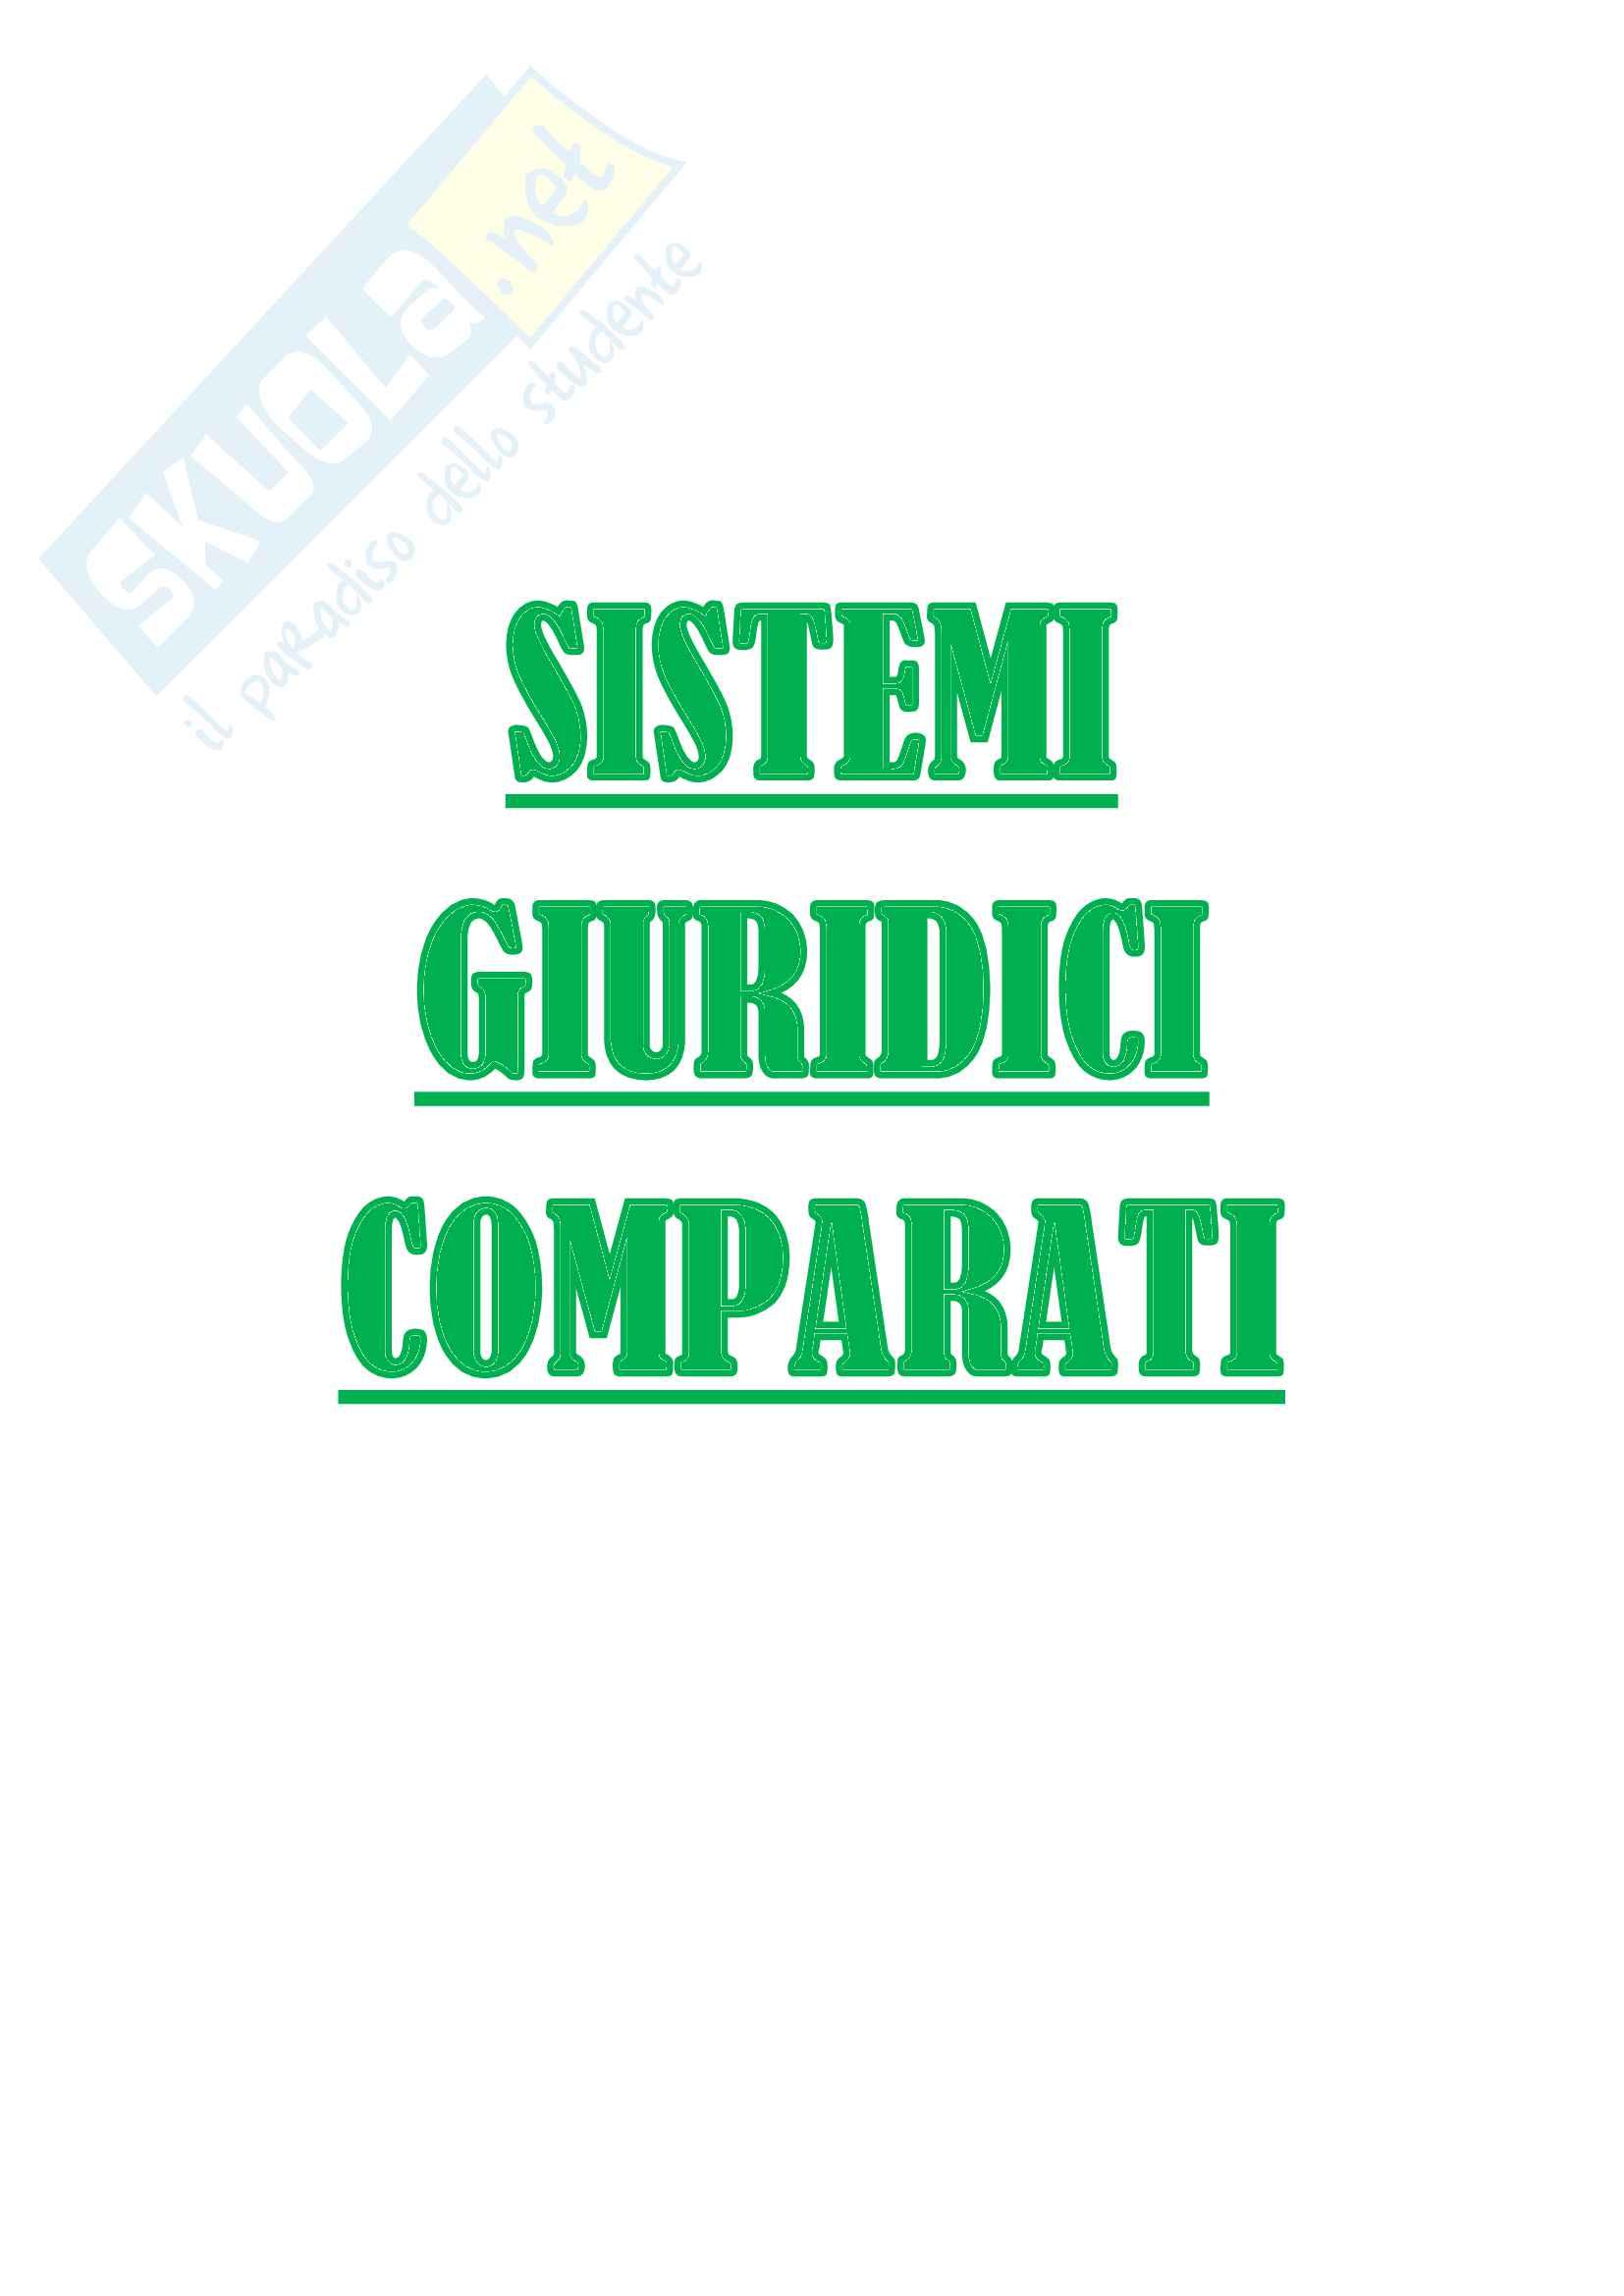 Riassunto esame Sistemi giuridici comparati - MZ - Prof. A. Fusaro, libri consigliati Gambaro, Sacco, e Tendenze del diritto privato in prospettiva comparatistica, Saggi